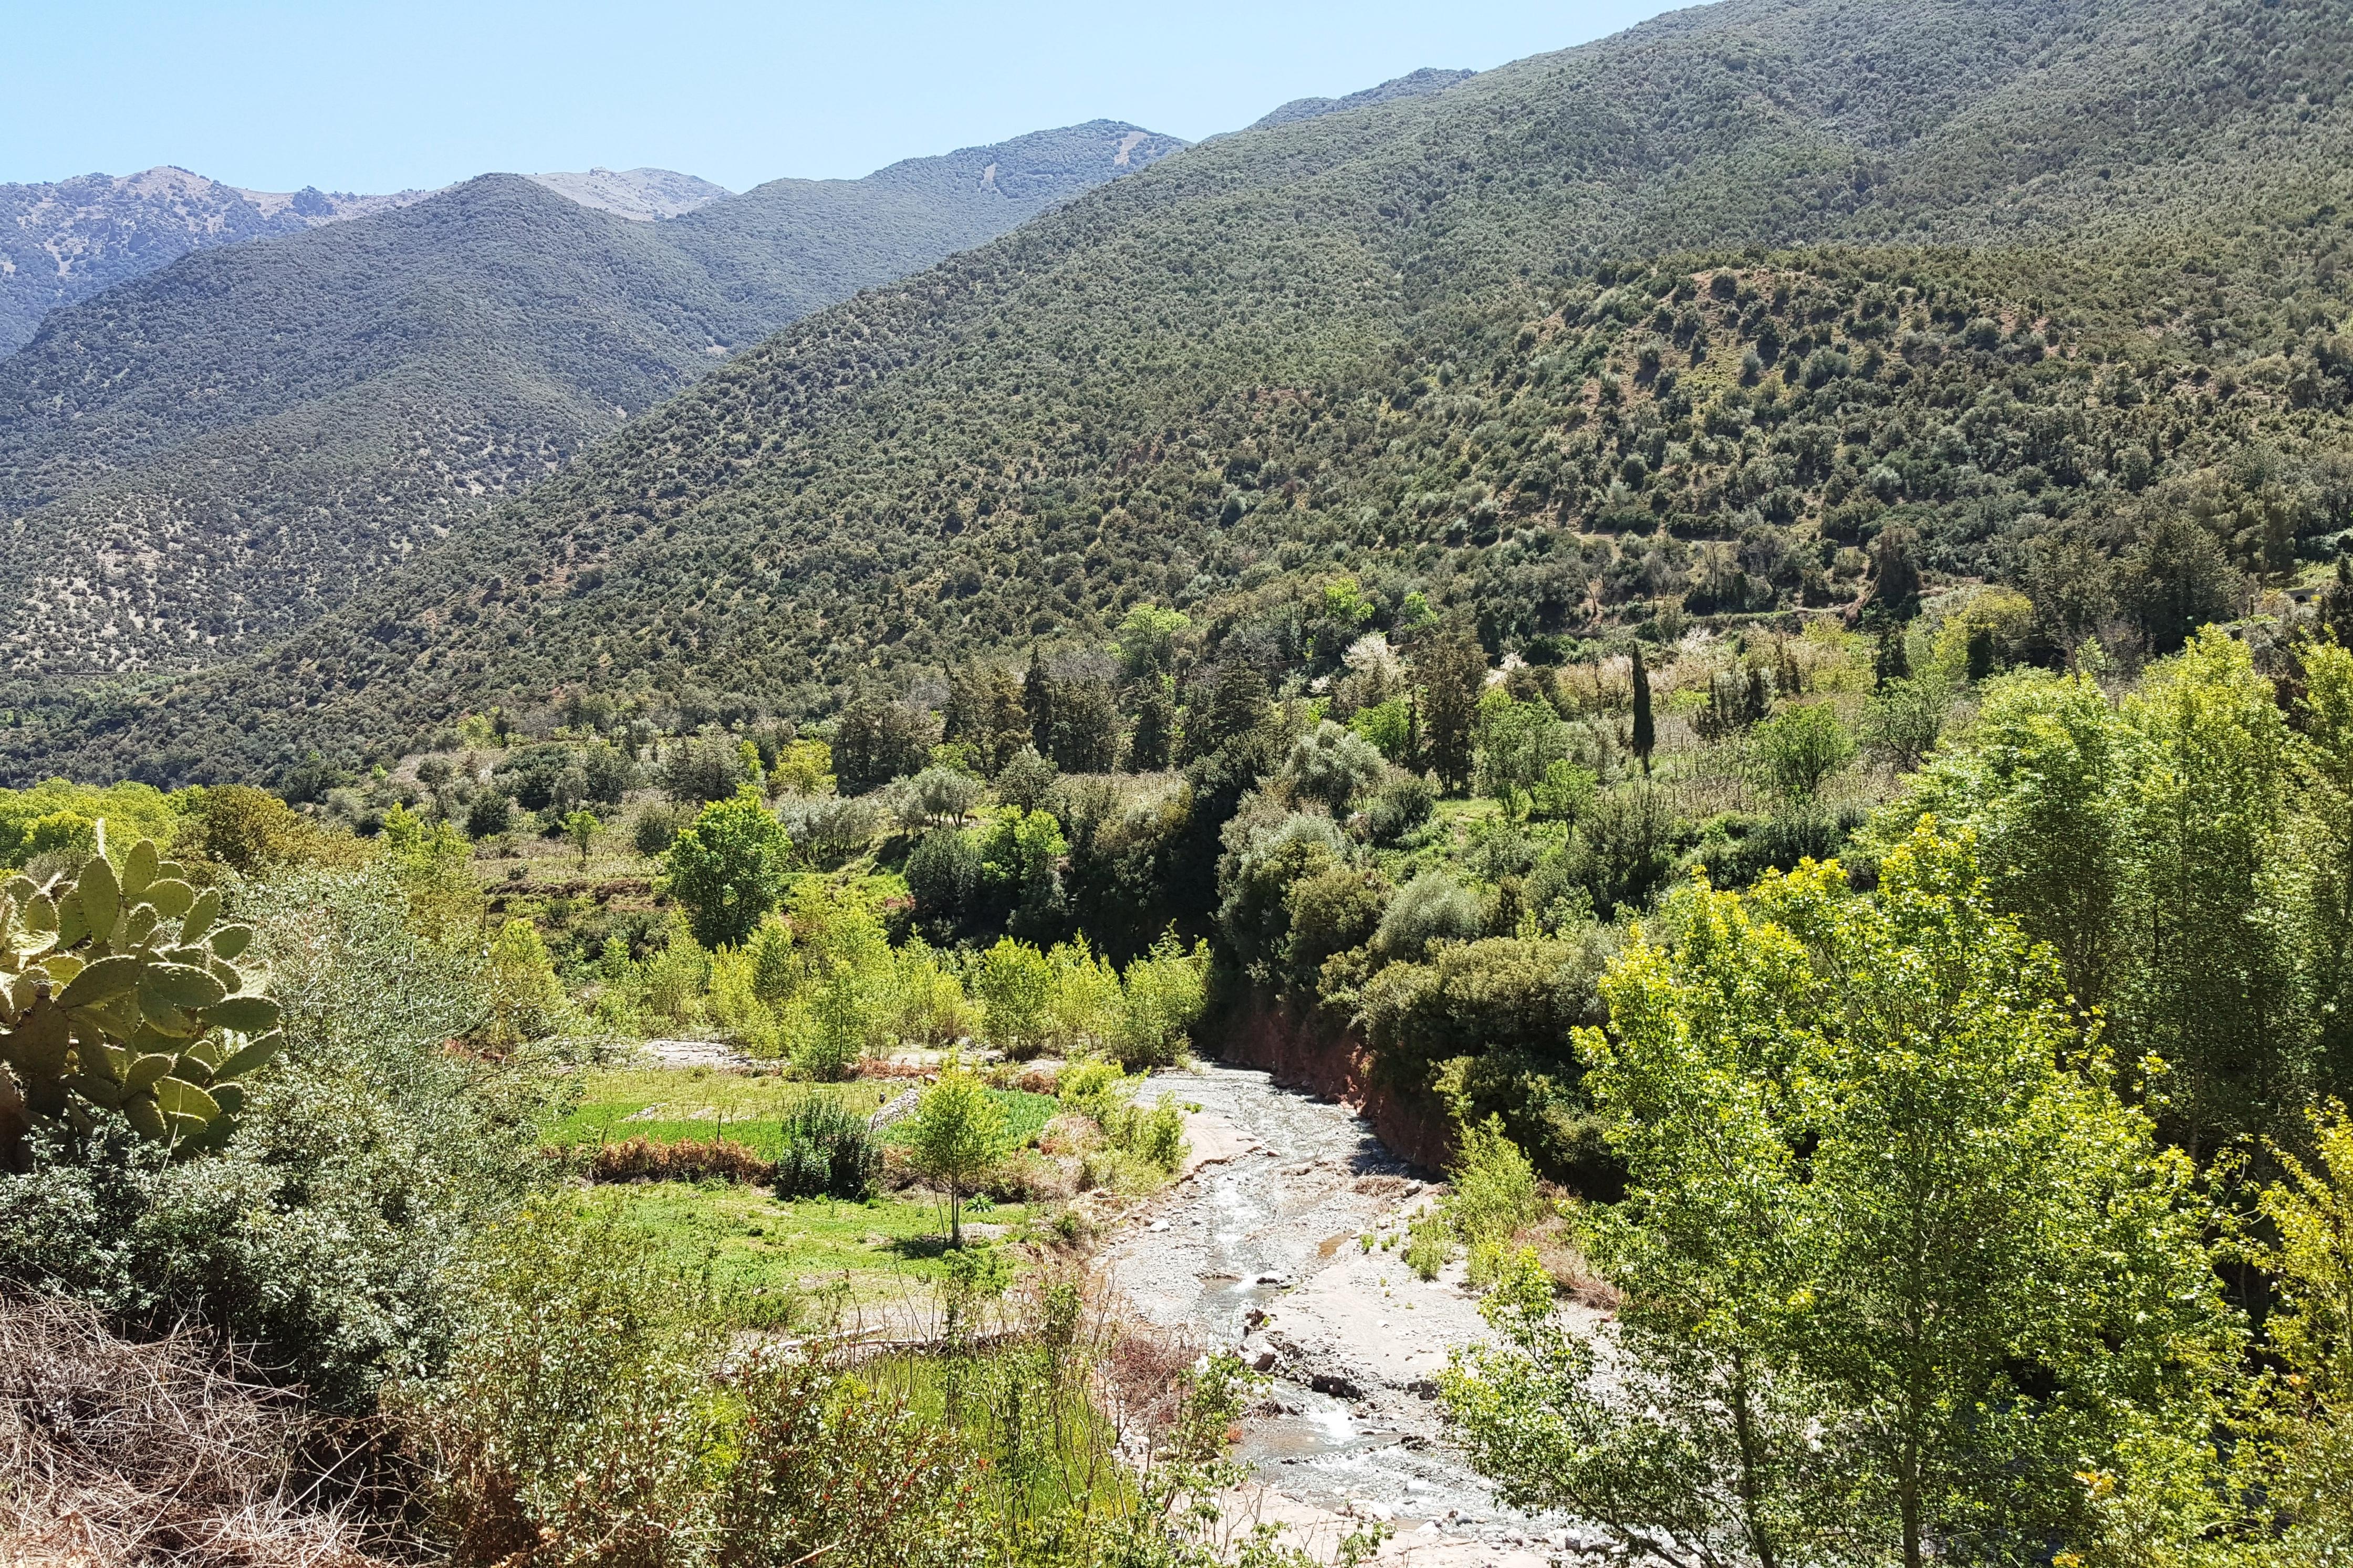 Kasbah Africa River Views (1)